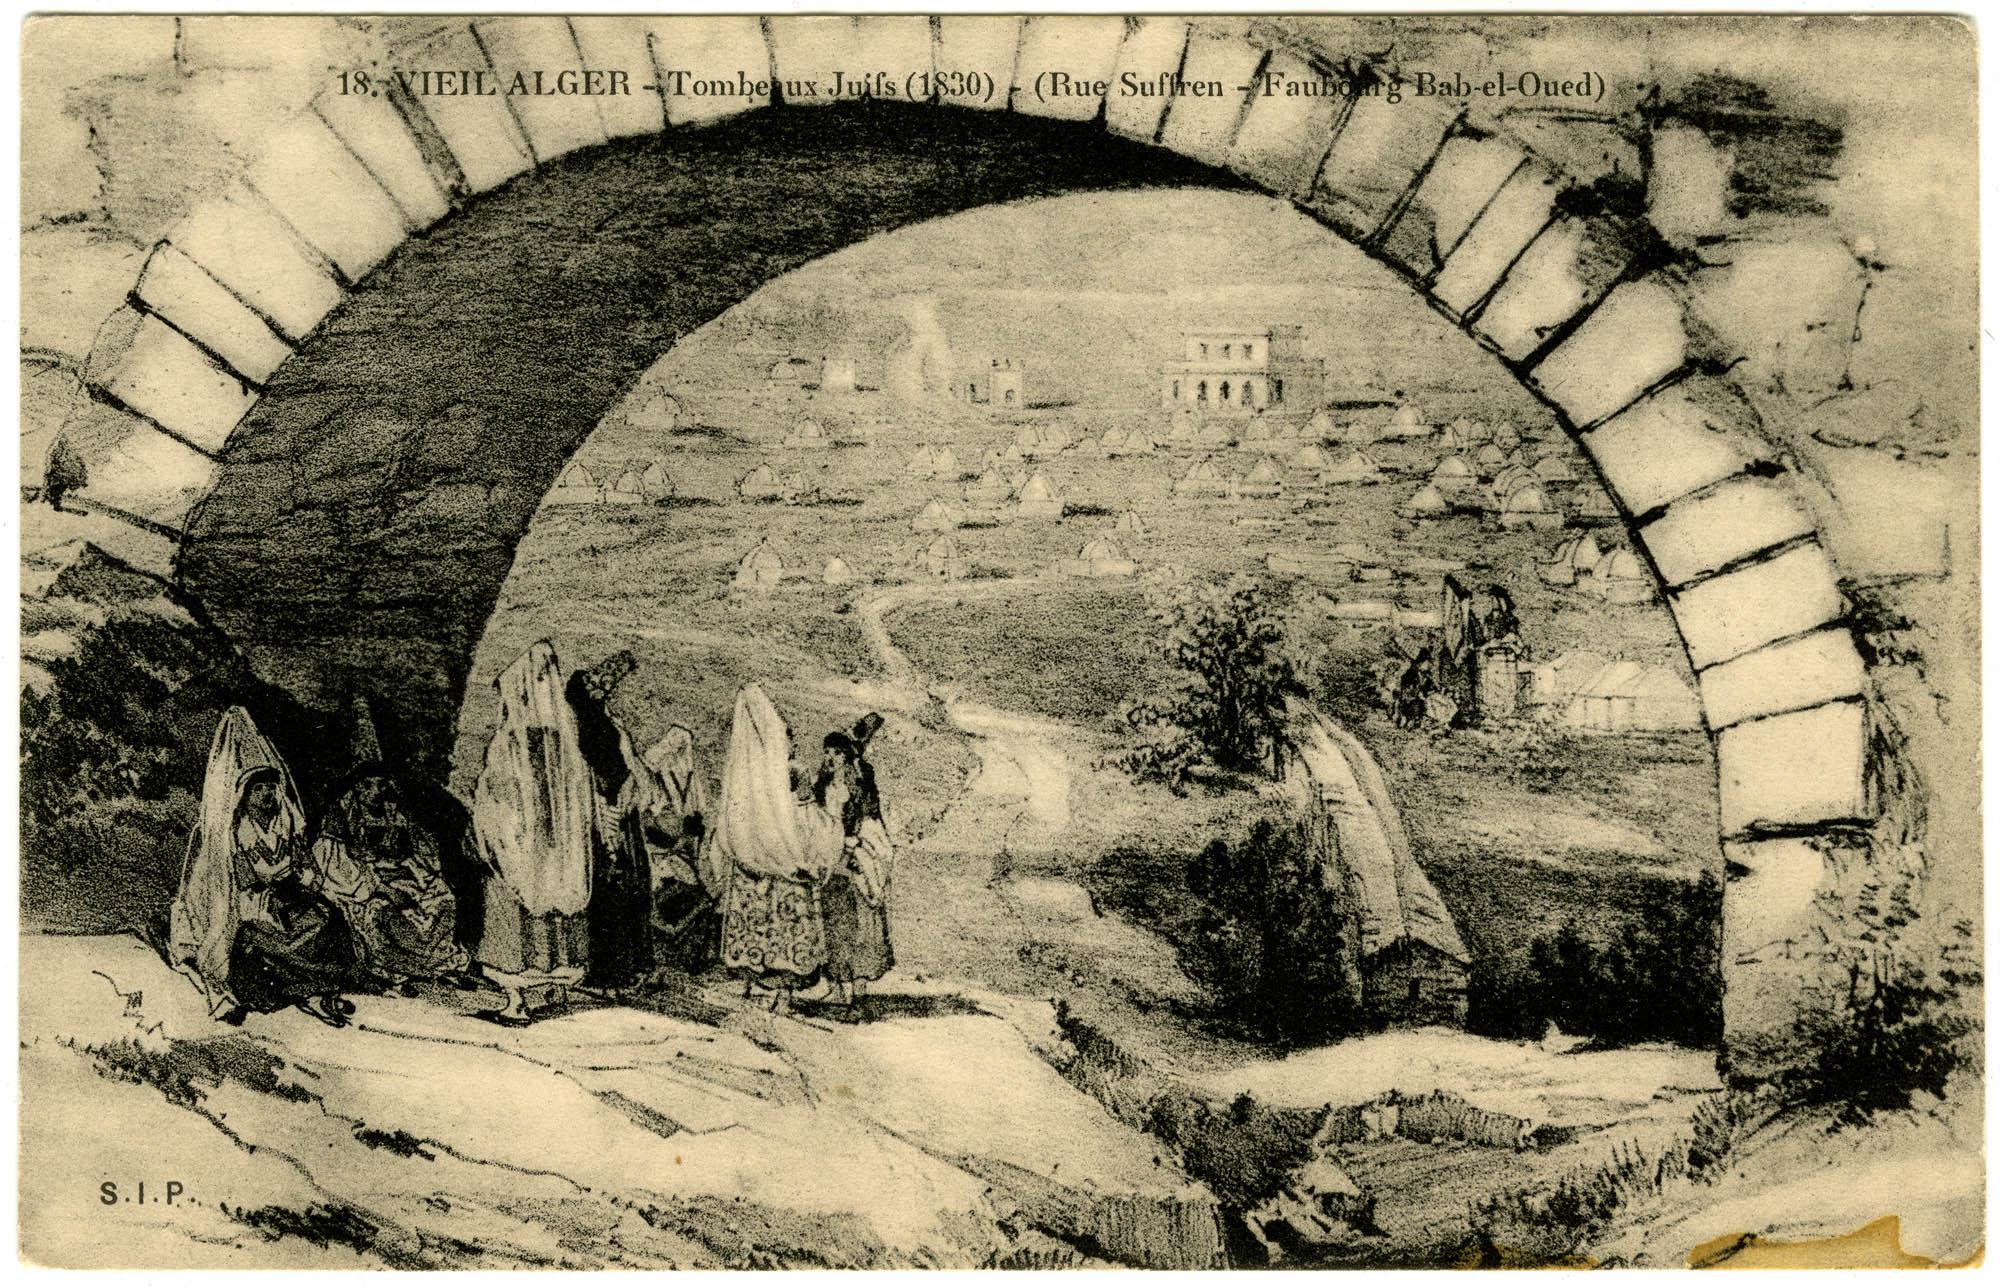 Vieil Alger - Tombeaux Juifs (1830) - (Rue Suffren - Faubourg Bab-el-Oued)